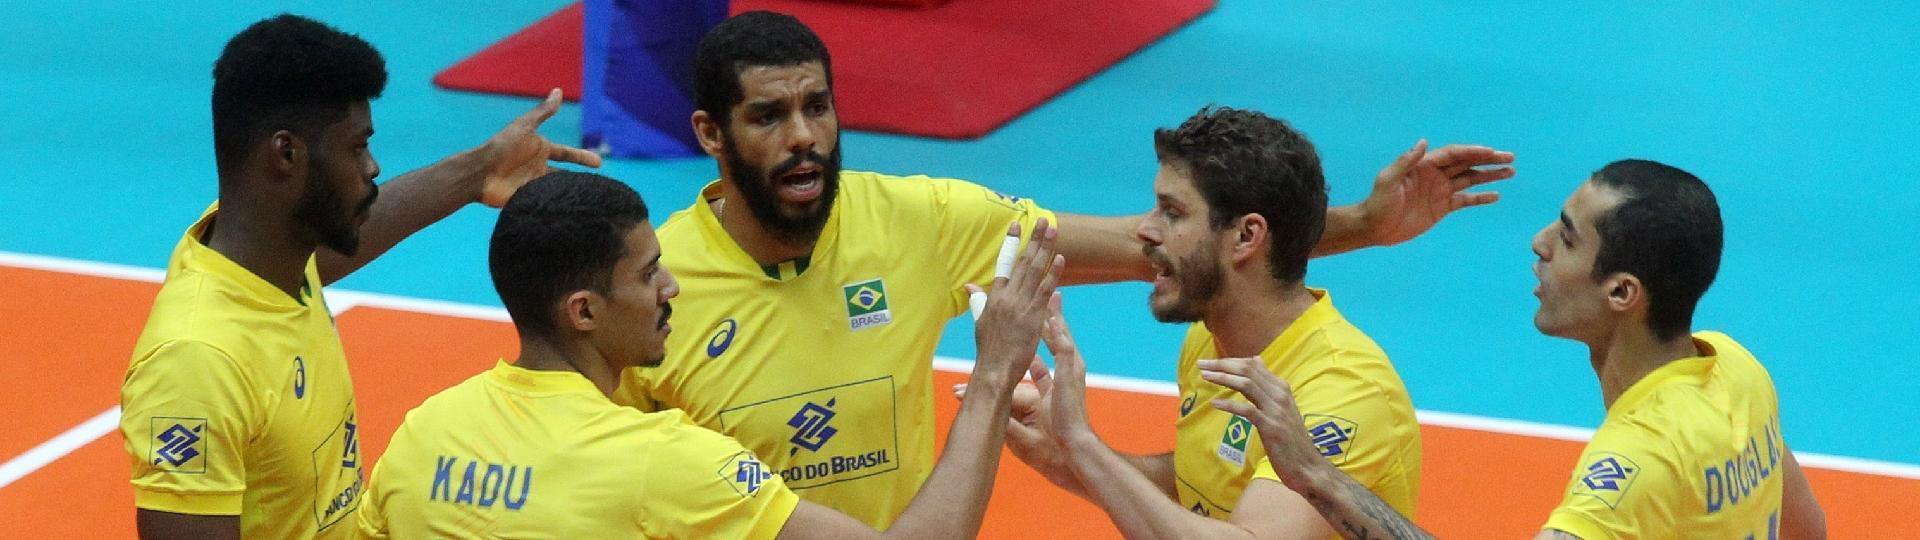 Jogadores do Brasil comemoram ponto sobre o Egito no Mundial de Vôlei